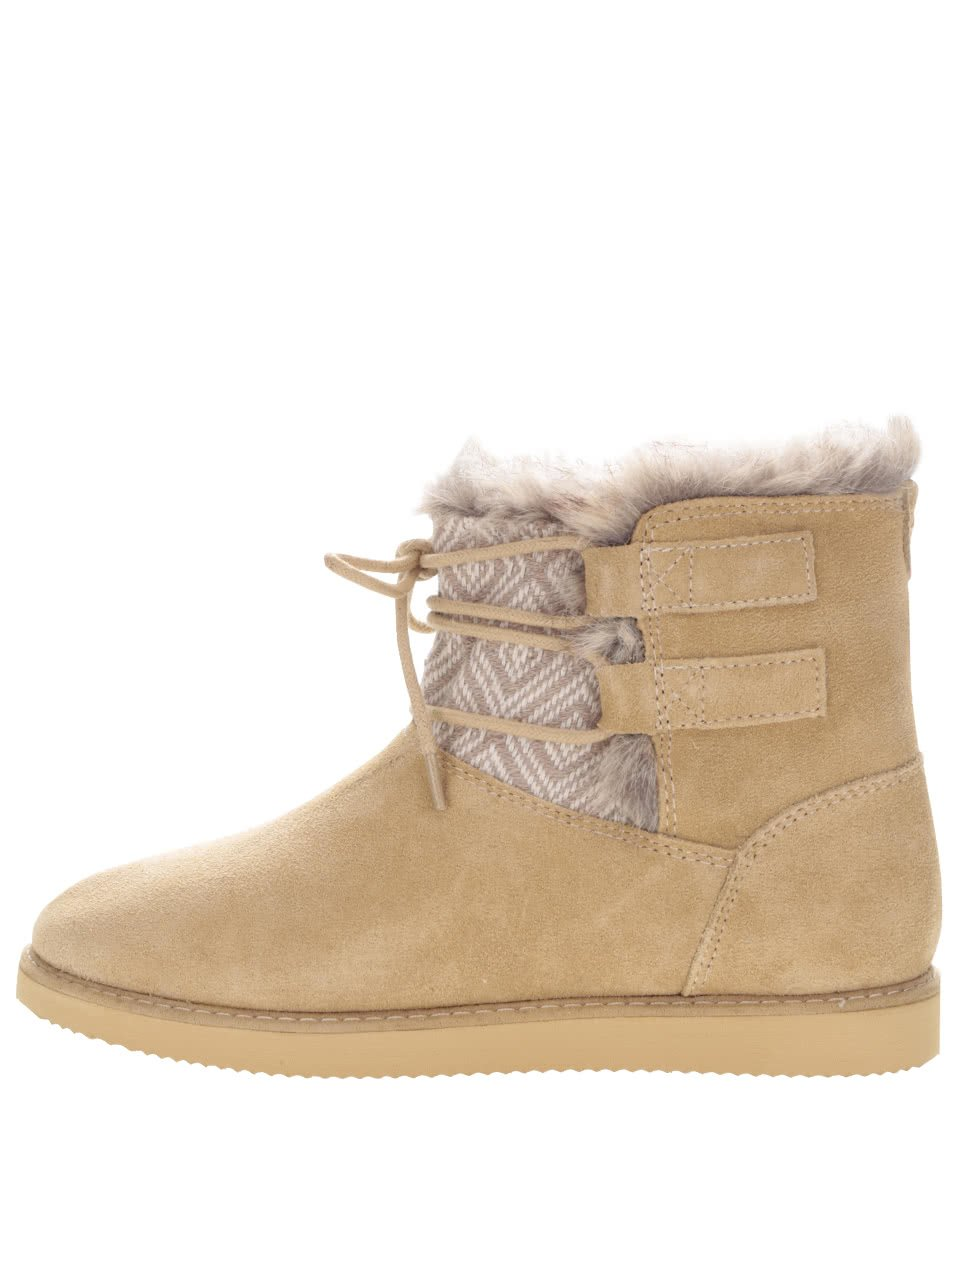 Hnědé semišové zimní boty se šněrováním Roxy Tara